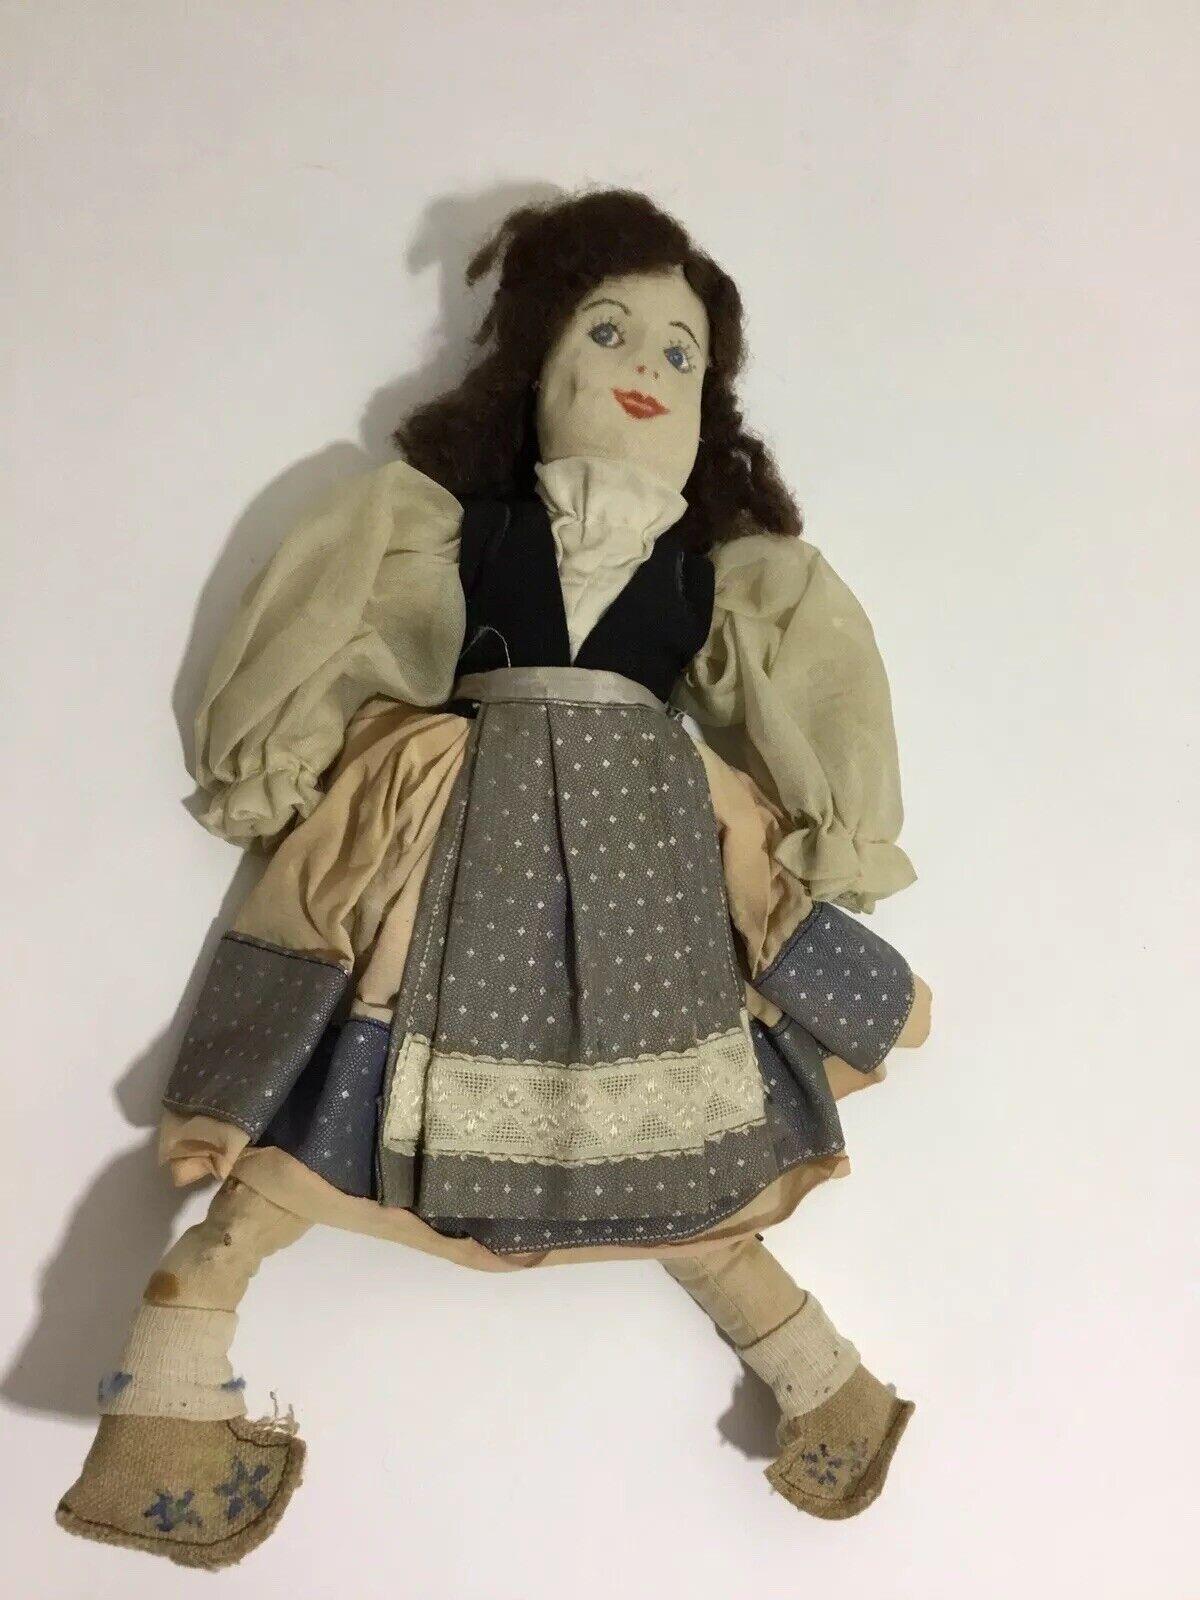 prezzo all'ingrosso RARE WPA lavoro Projects Administration Administration Administration 1930's Cloth GIRL bambola ORIGINAL Clothes  tutti i prodotti ottengono fino al 34% di sconto